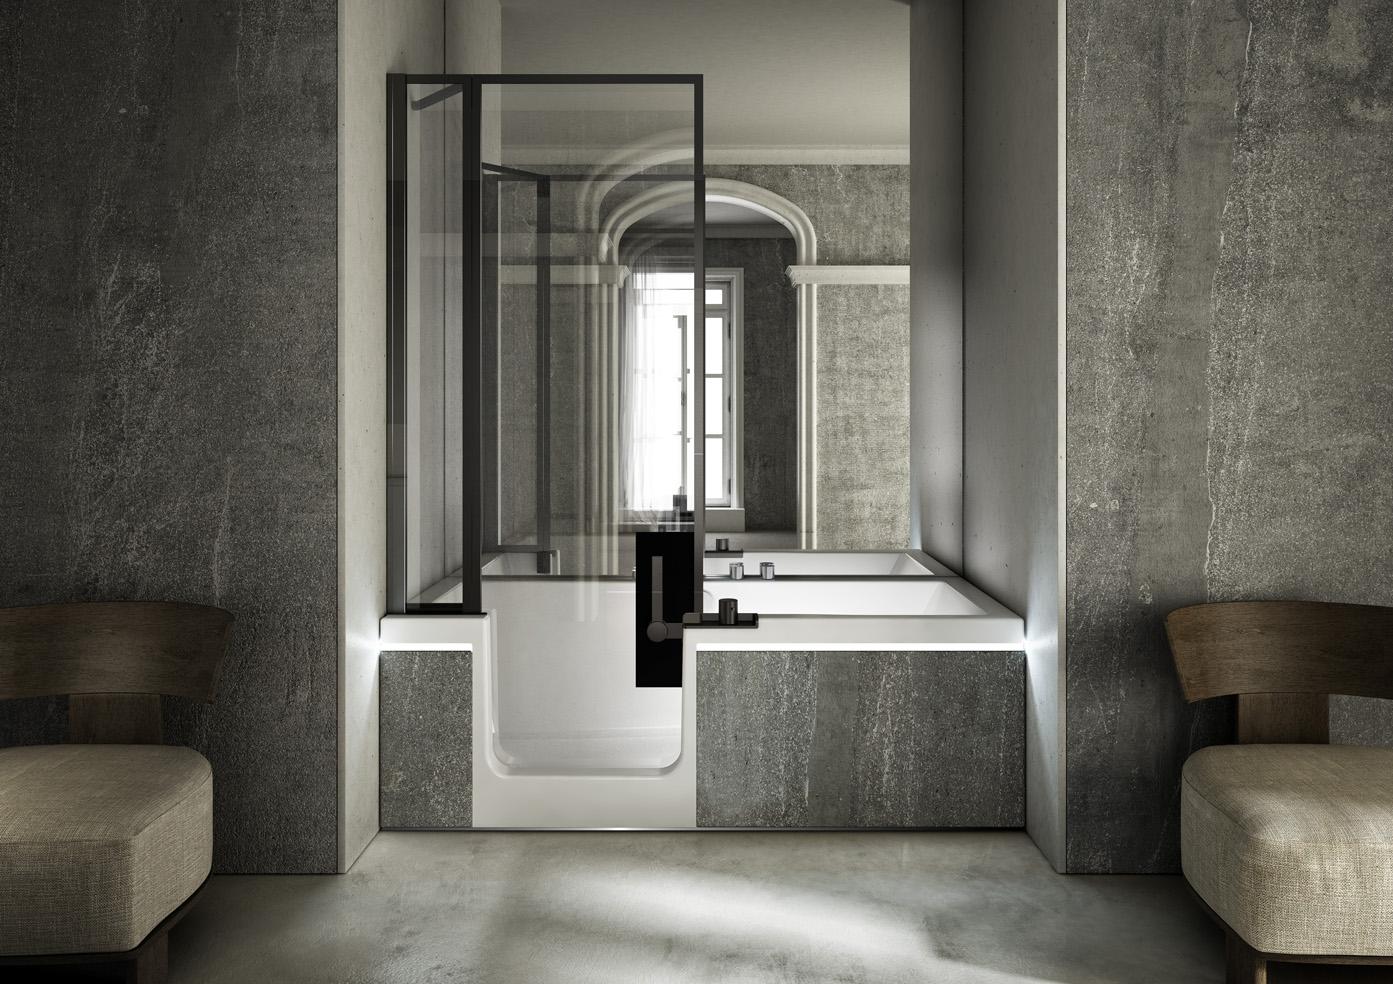 pr t porter il nuovo modello di design della linea di combinati teuco firmato da jean michel. Black Bedroom Furniture Sets. Home Design Ideas